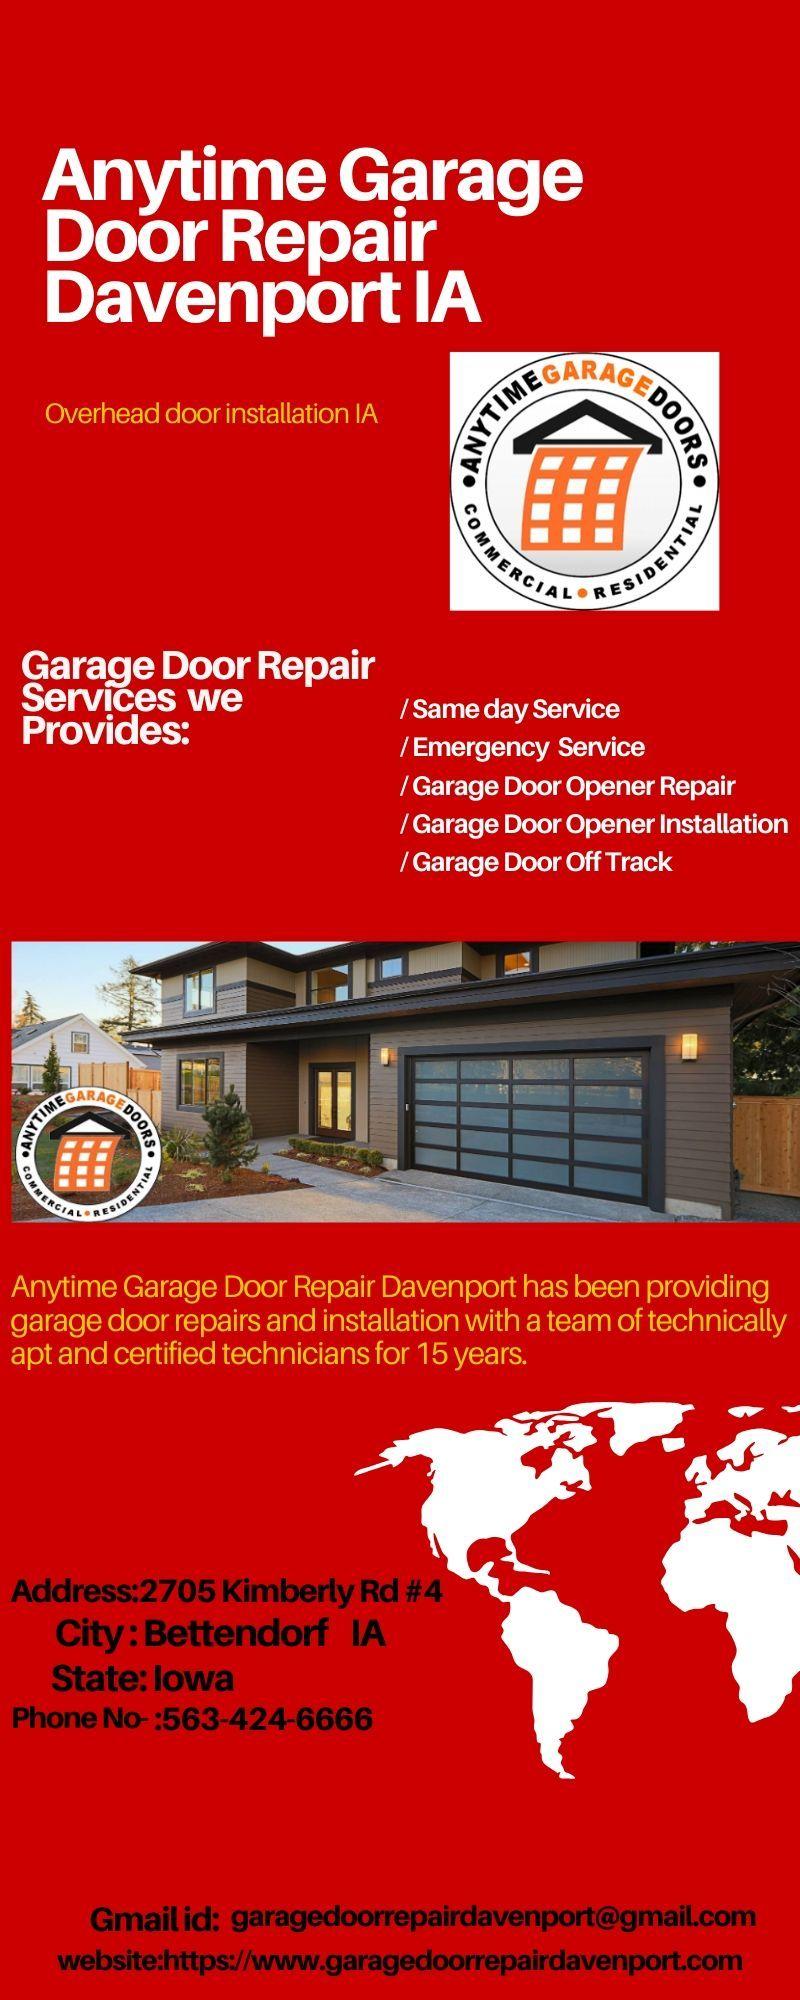 We At Garage Door Repair Davenport Deliver The Best Overhead Door Installation Ia With Certified Technicians Effe Garage Doors Garage Door Repair Door Repair